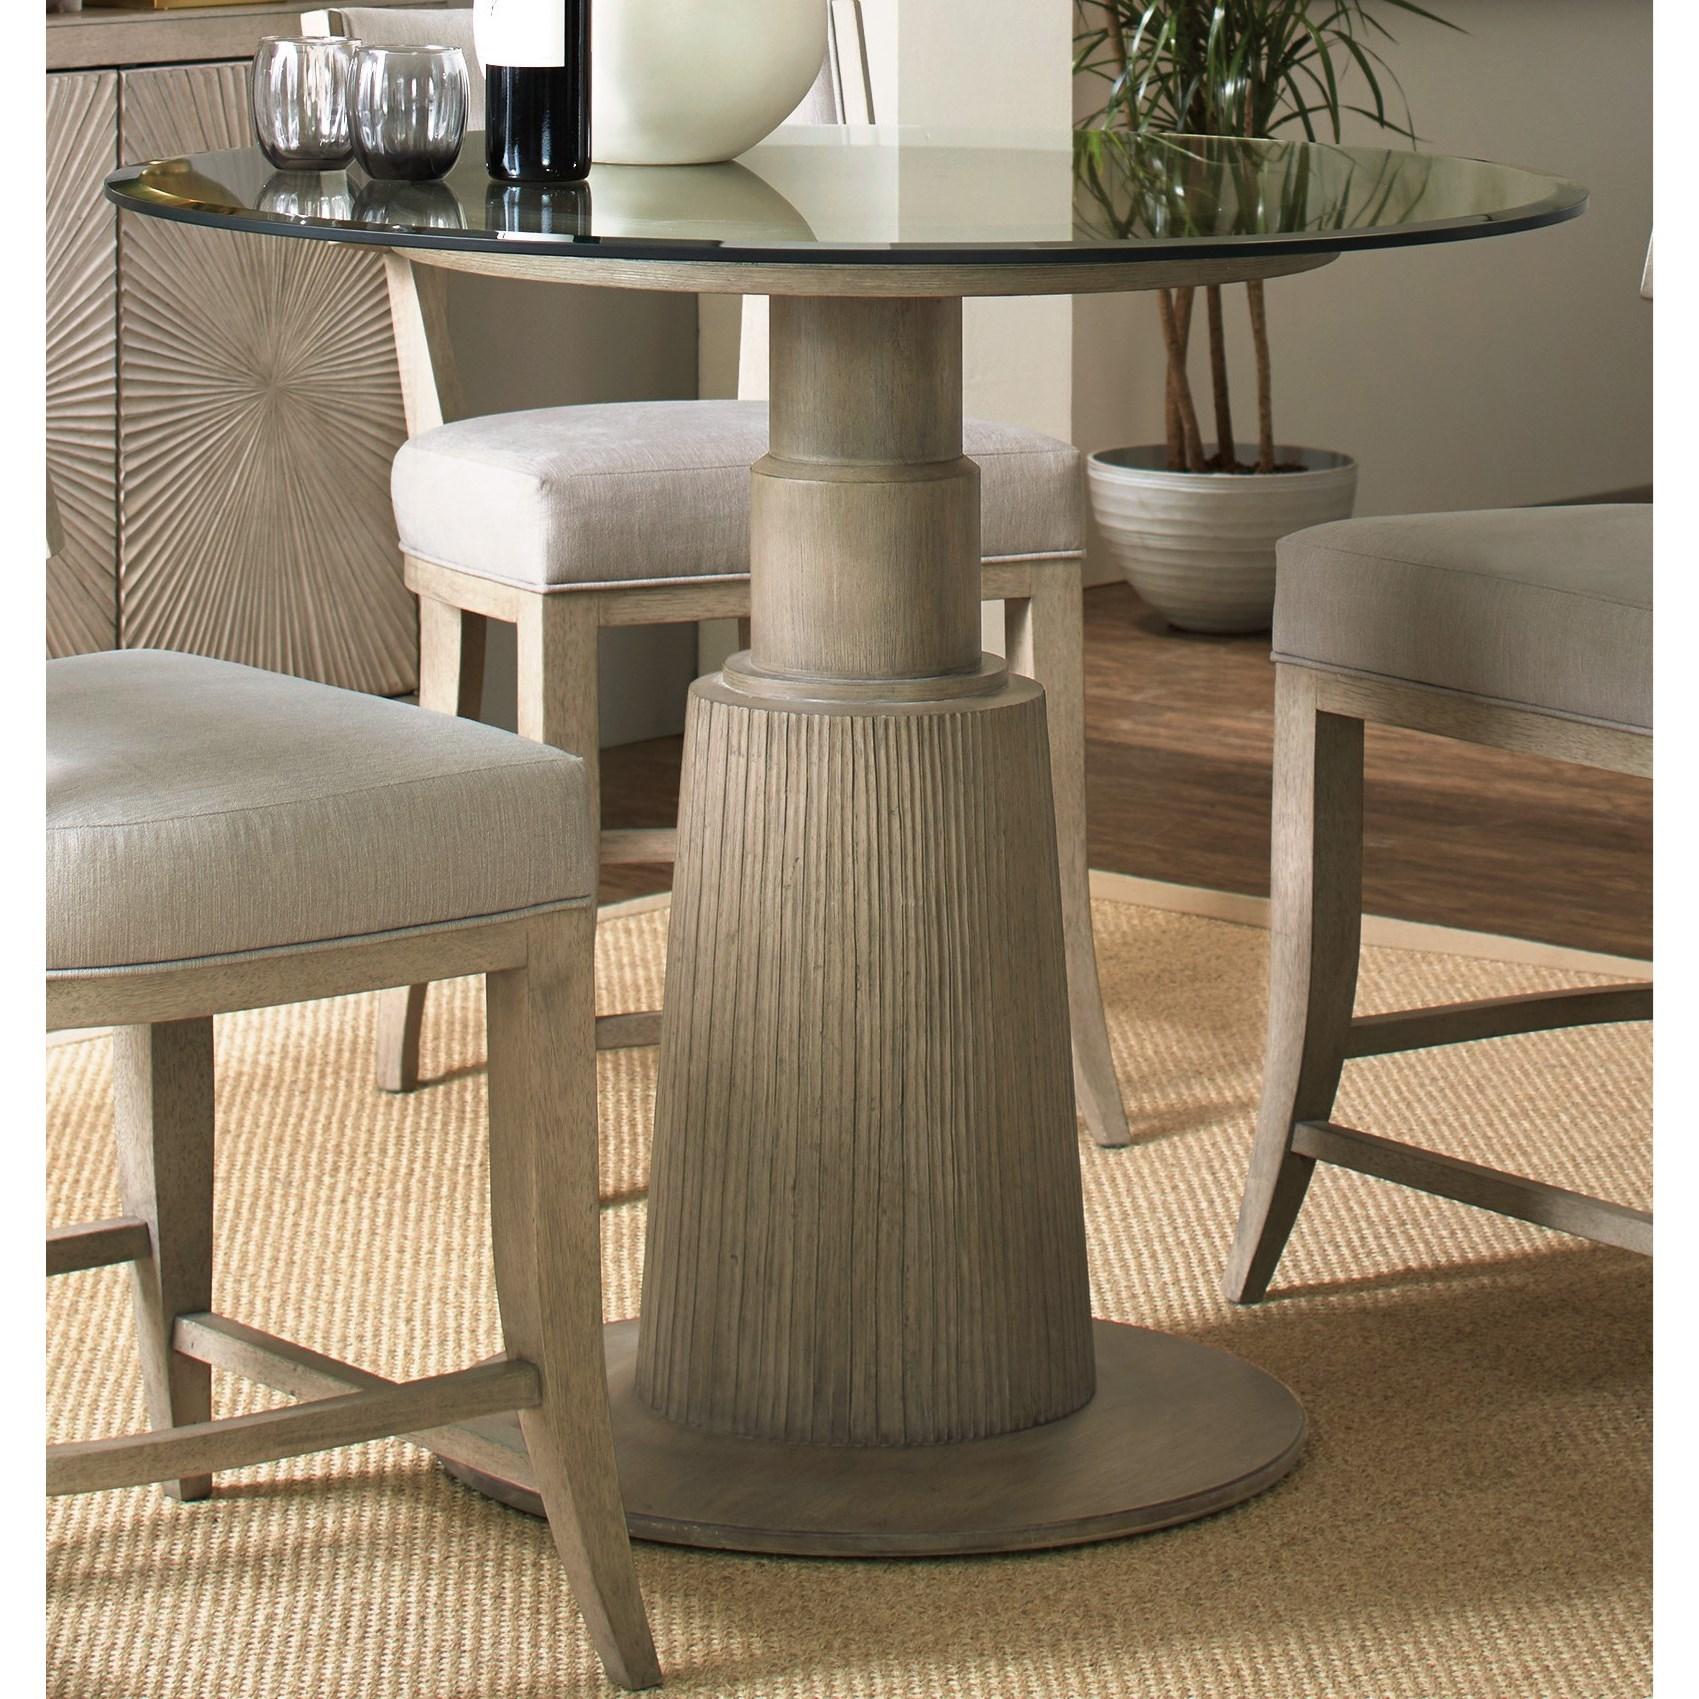 hooker furniture elixir 42 adjustable height round dining table rh olindes com